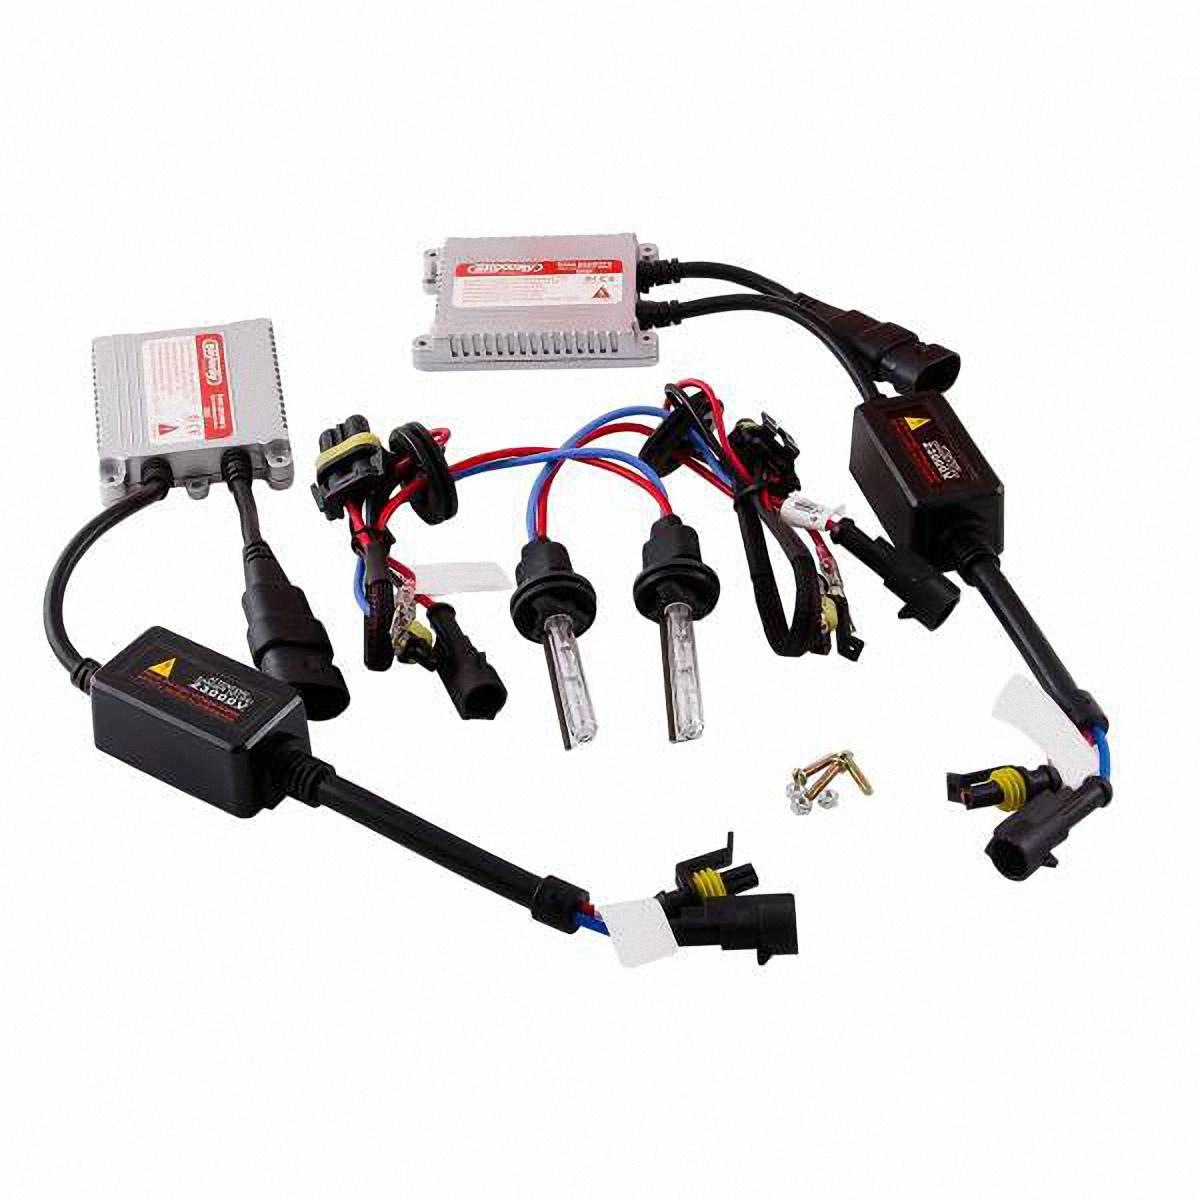 Skyway Автолампа би-ксенон H4. SH4 H/L 4300K D13 12V35WSH4 H/L 4300K D13 12V35WКомплектация:Лампа газоразрядная би-ксеноновая – 2 шт.Блок розжига – 2шт.Винты для блока розжига – 6 шт.Гарантийный талон – 1 шт.Инструкция – 1 шт.